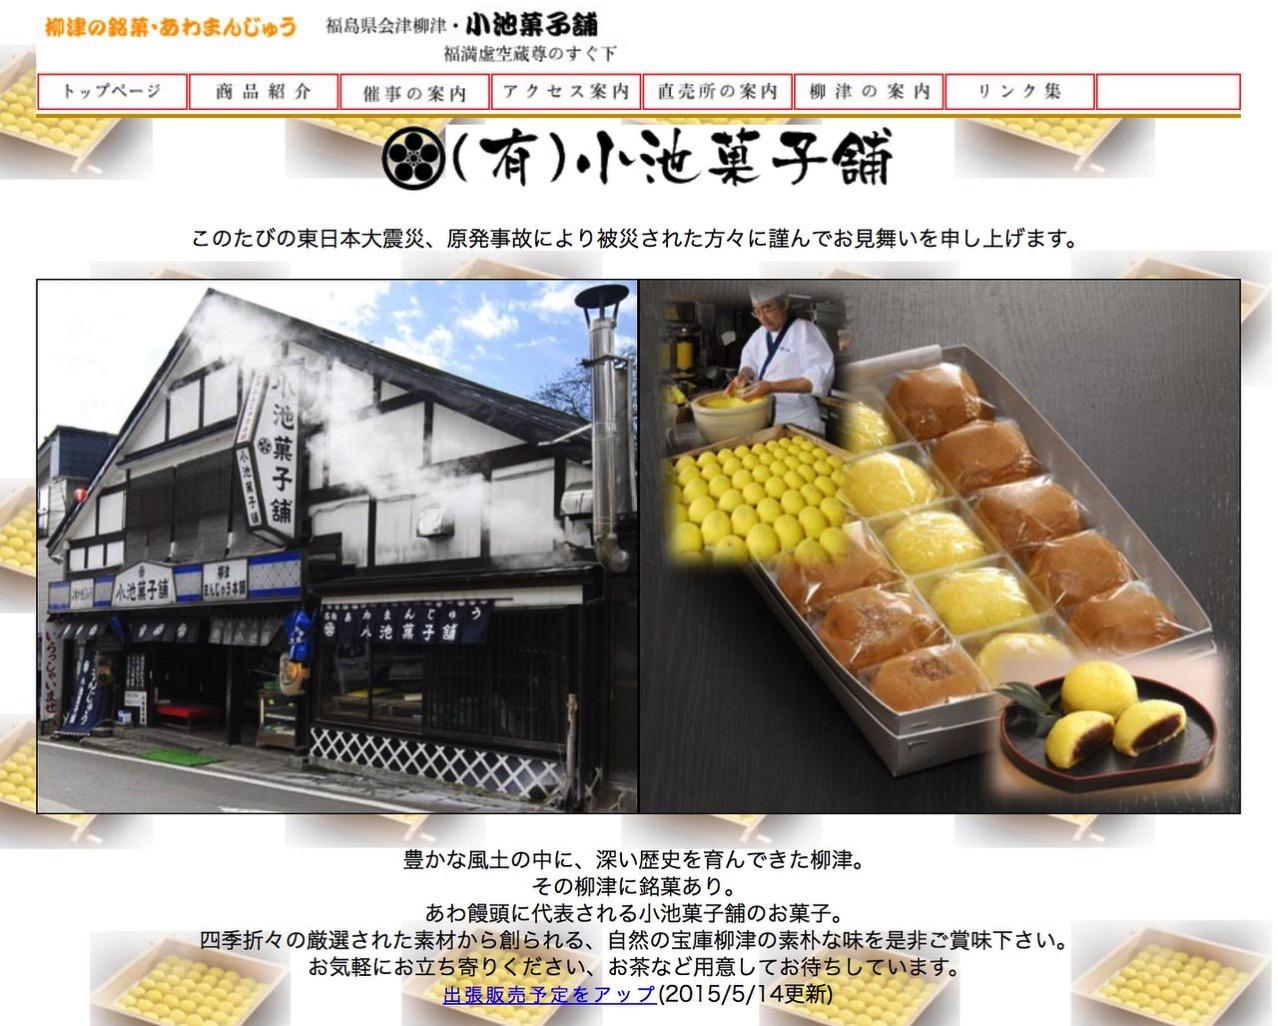 ついに会津銘菓の「あわまんじゅう」が東京でいつでも買えるようになる日が来た!